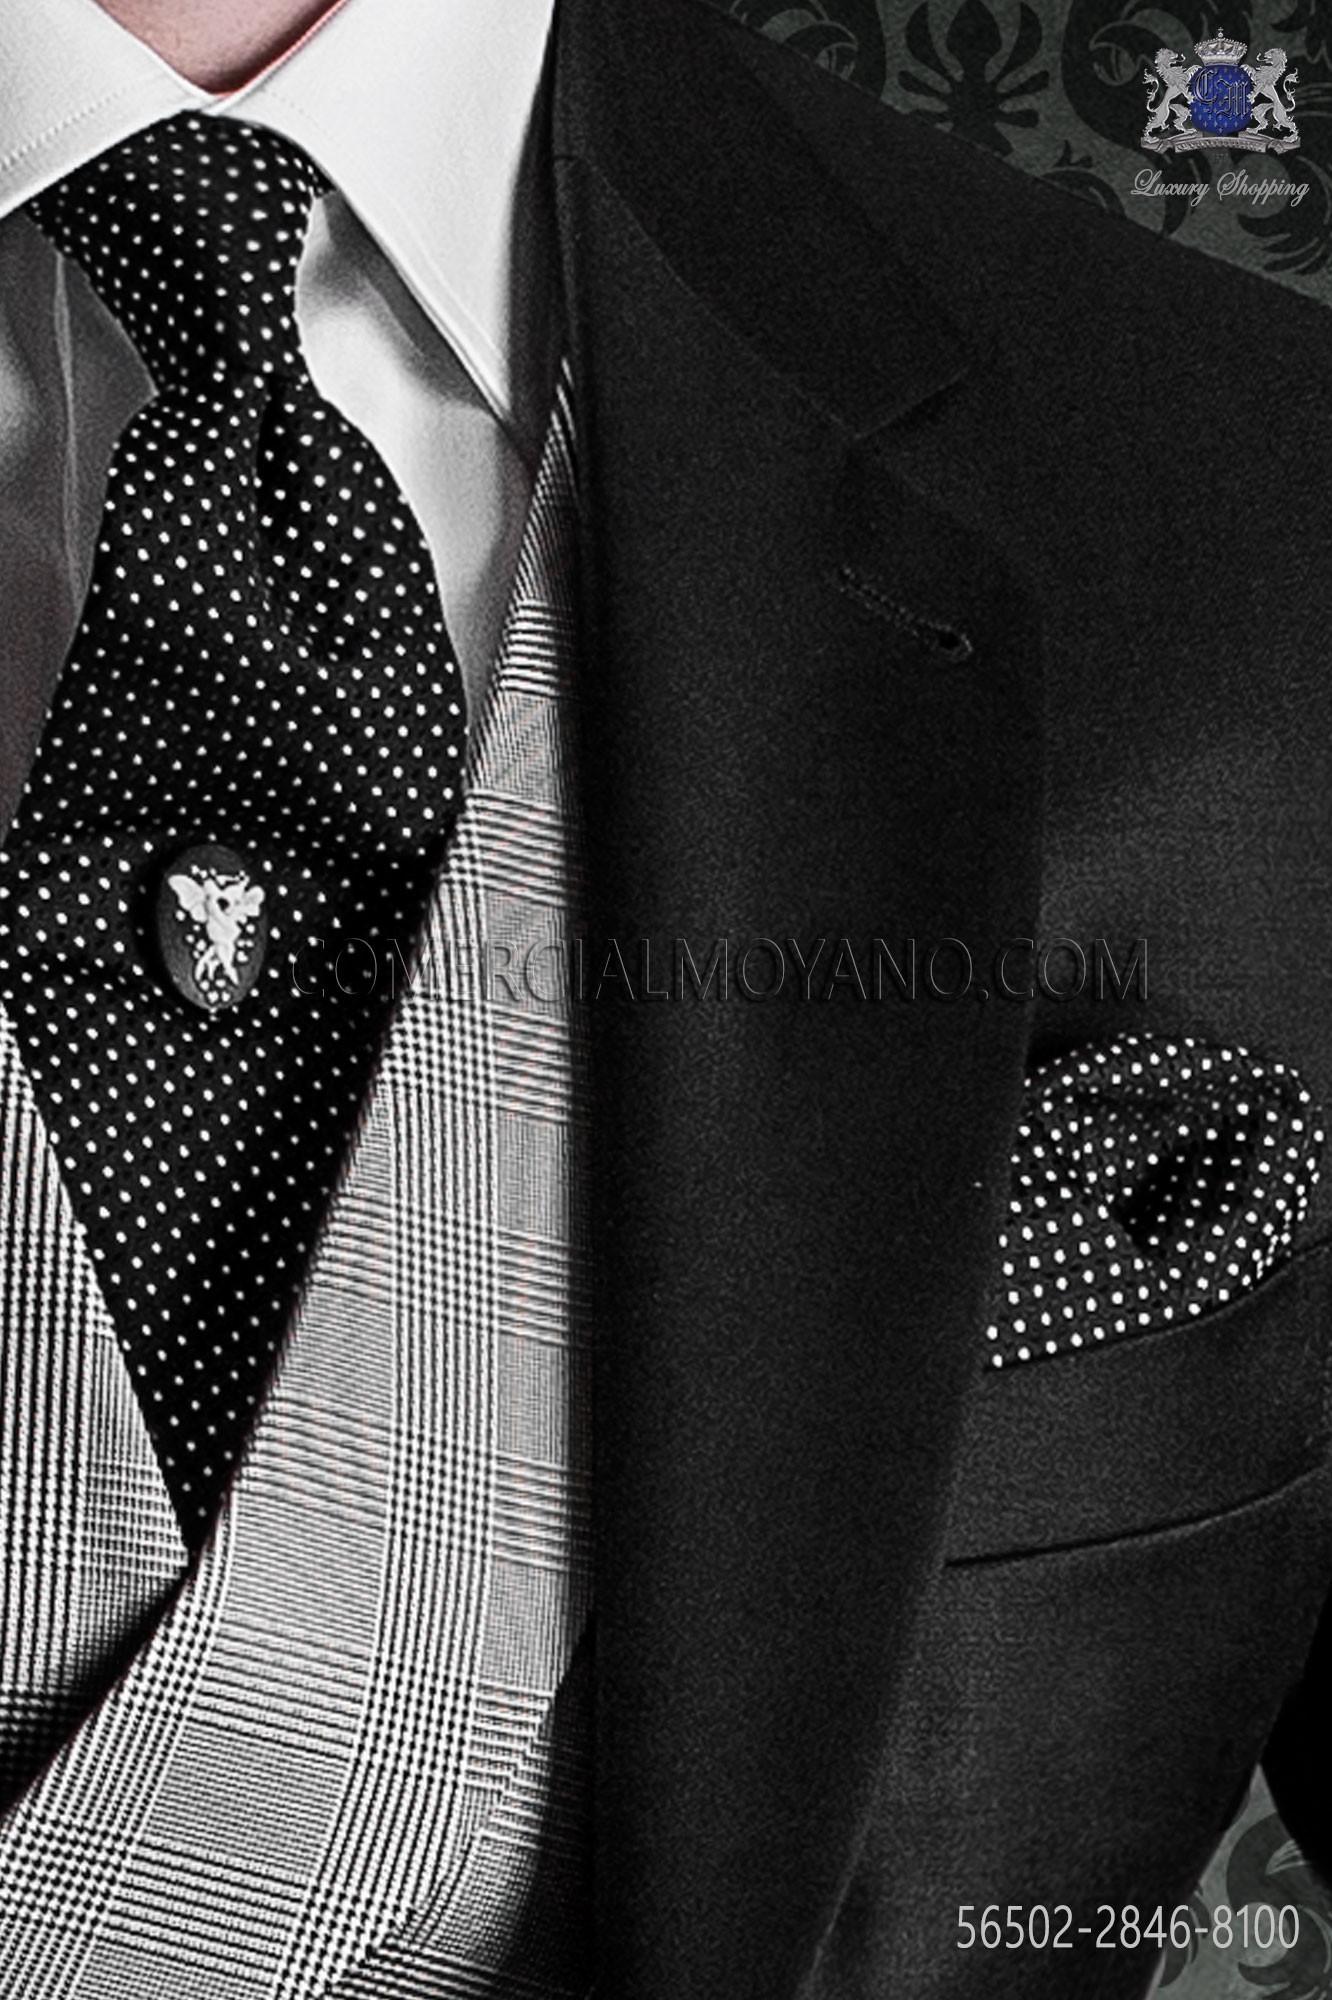 Herren Jacquard Passion Seide Krawatte Abend-Hochzeit Bräutigam Krawatten Neu